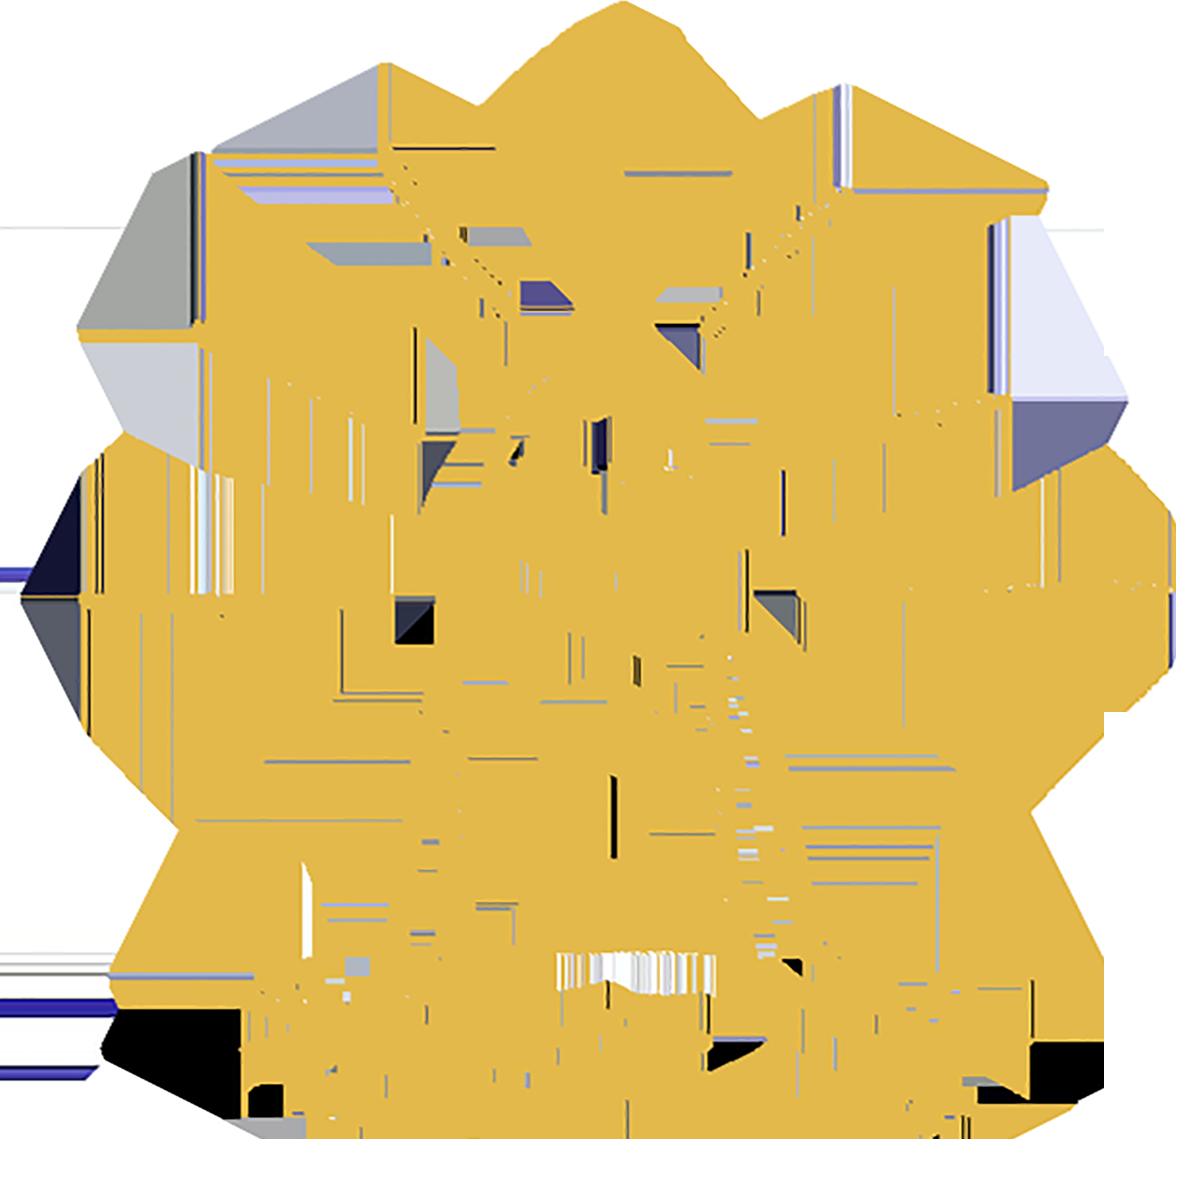 Tekening ter illustratie van de mentale voordelen van Yoga.